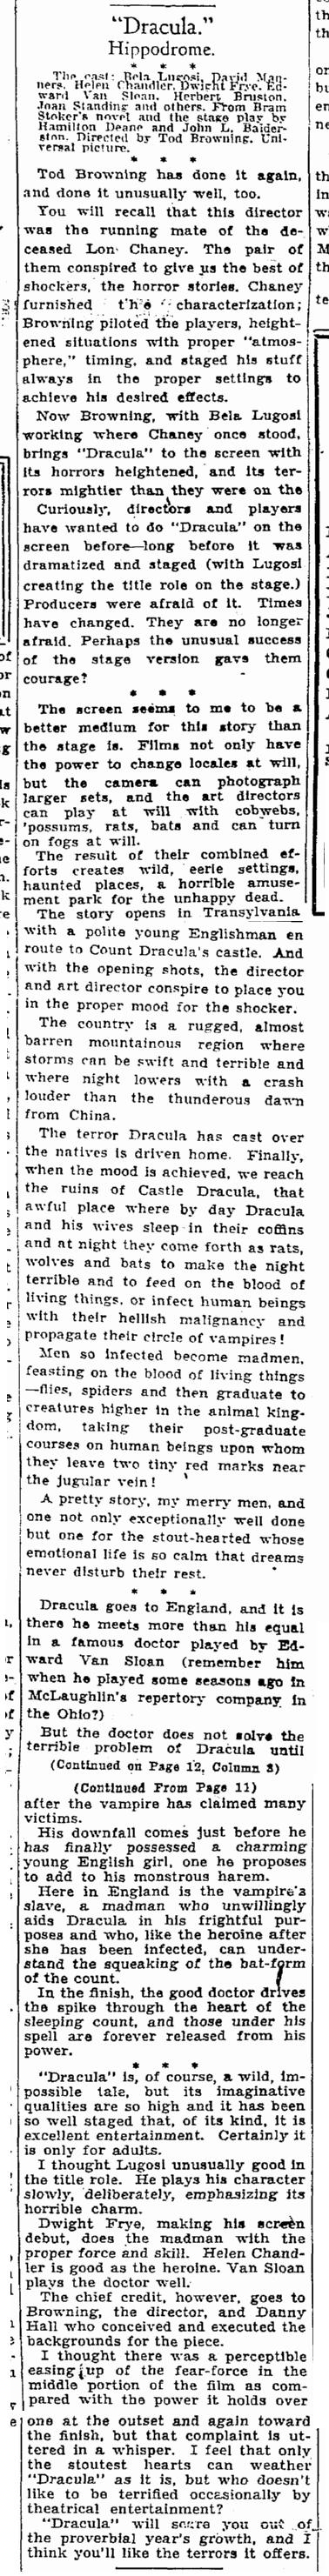 Dracula, Cleveland Plain Dealer, March 8, 1931